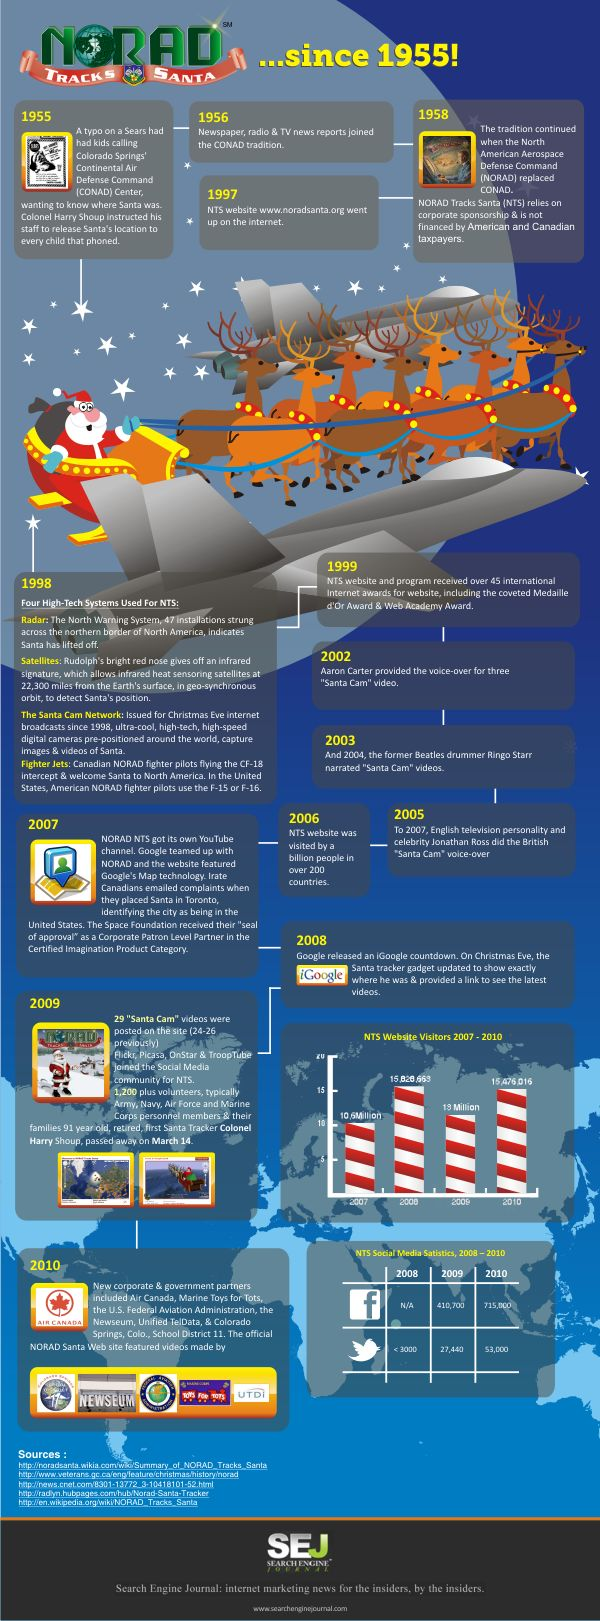 Norad Santa Tracker : The History of NORAD, Google & Santa [Infographic]